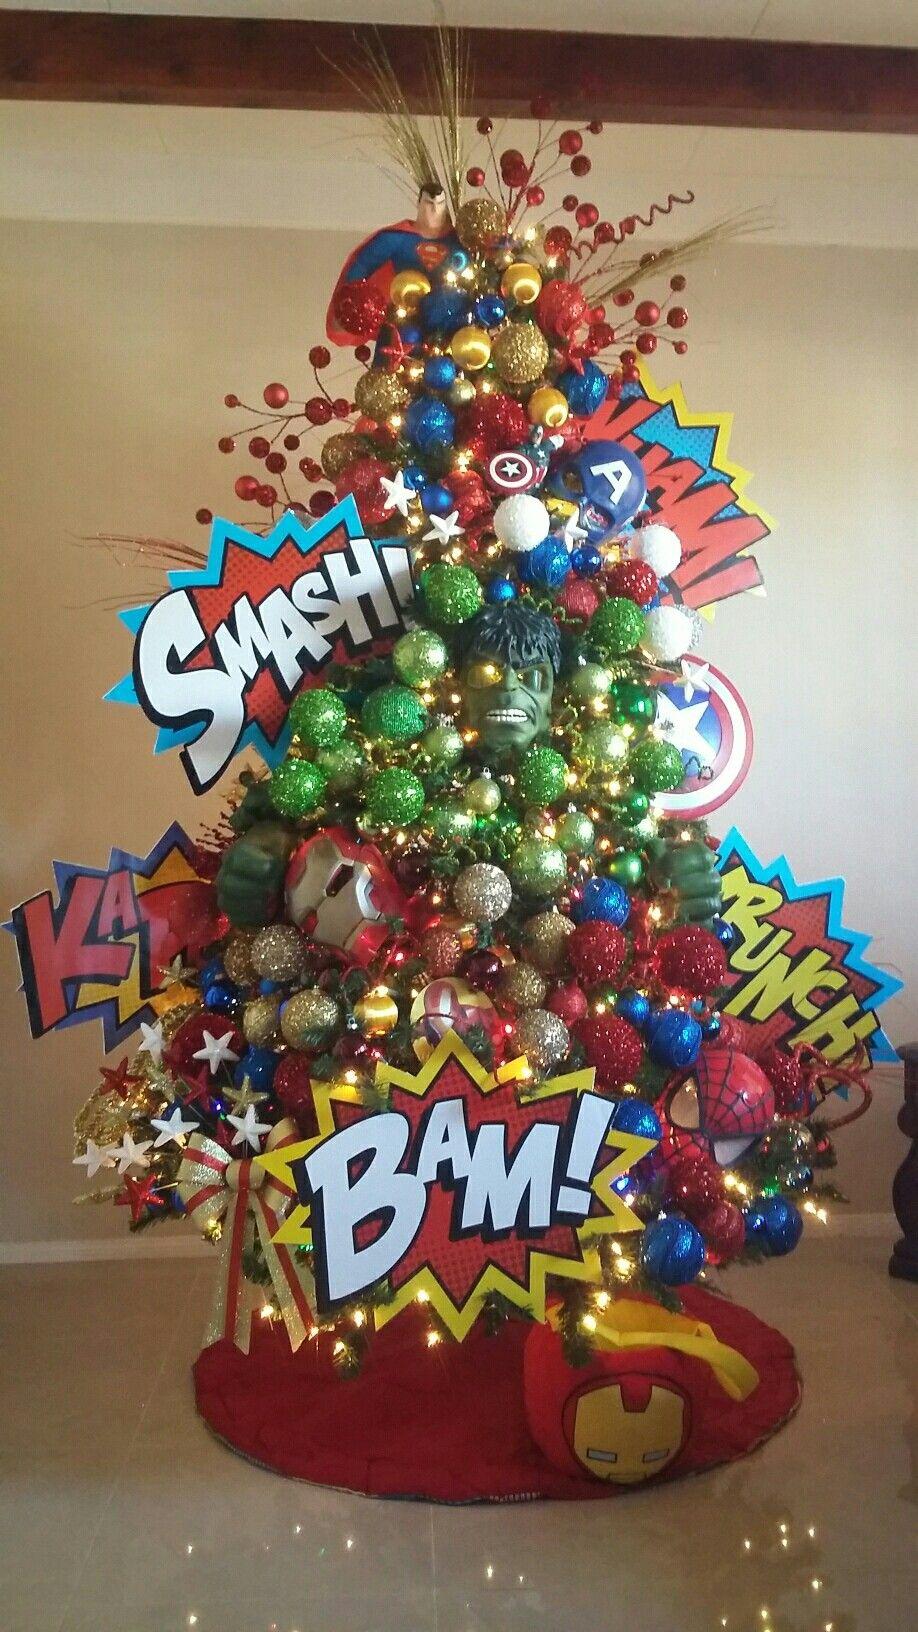 Superhero xmas tree themed christmas trees pinterest - Decoracion de arboles navidenos para ninos ...